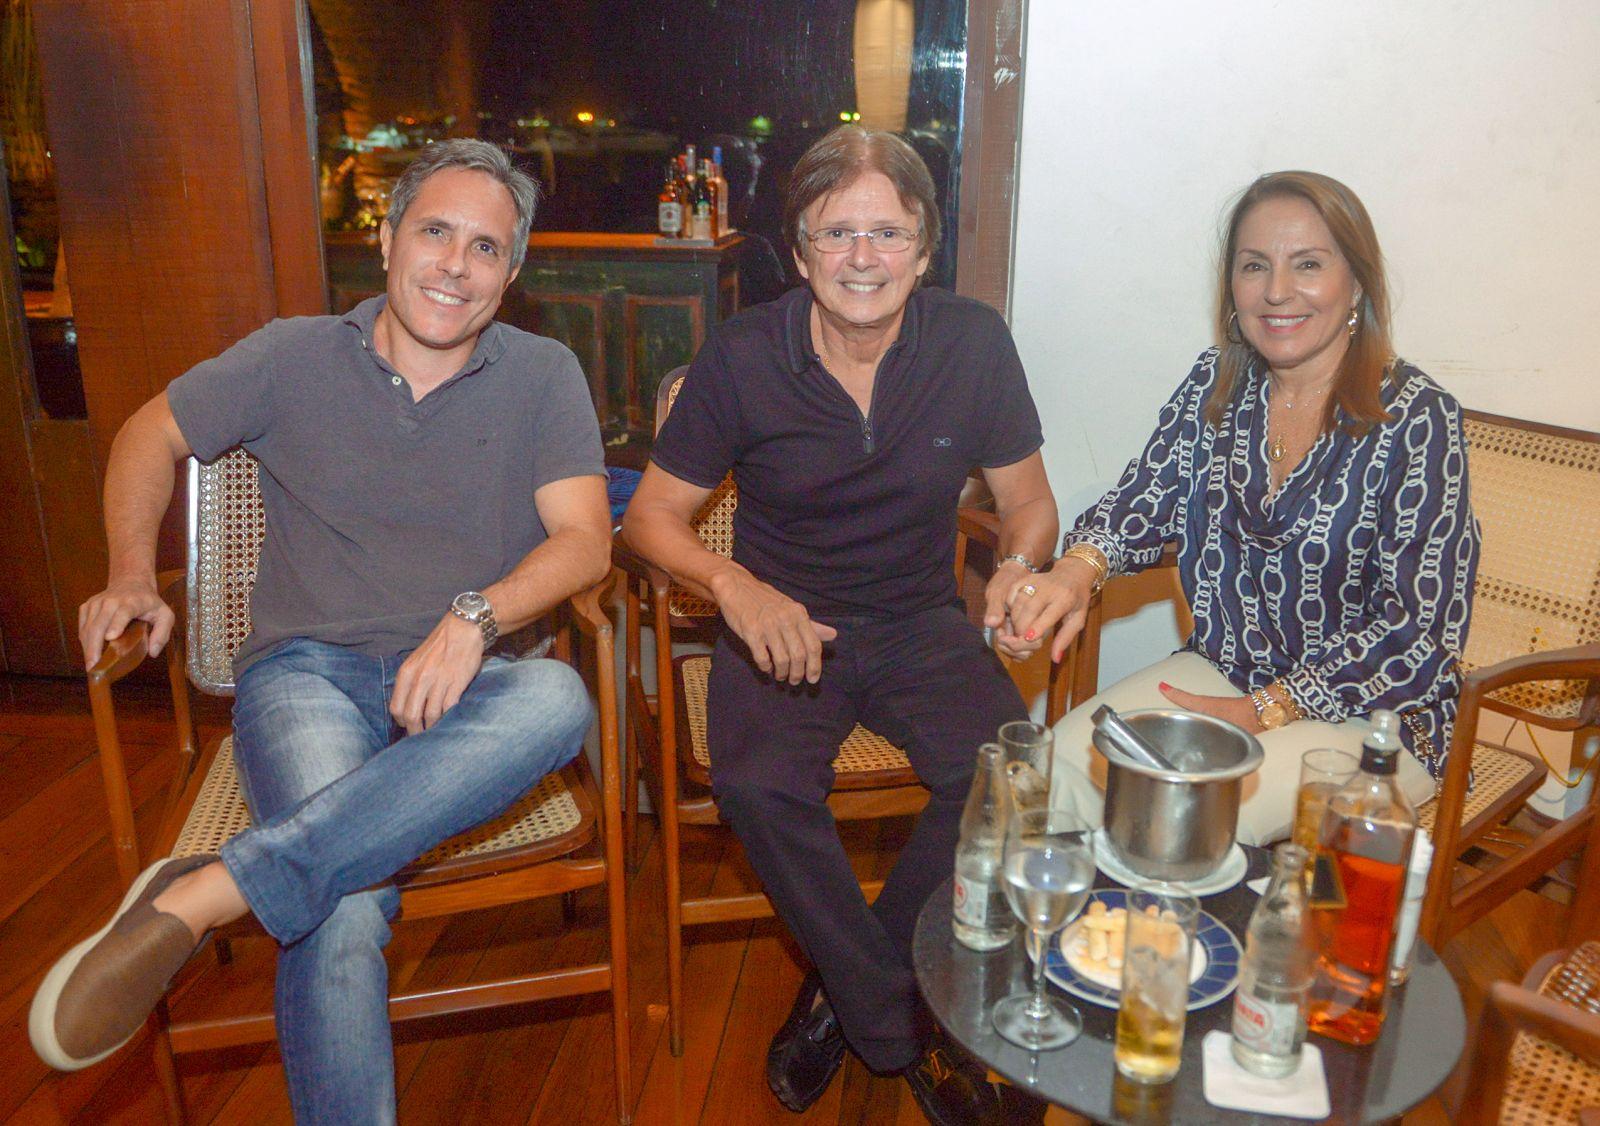 Filipe Phileto, Márcia e Guto Amoedo jantando no Amado dia 15 de março